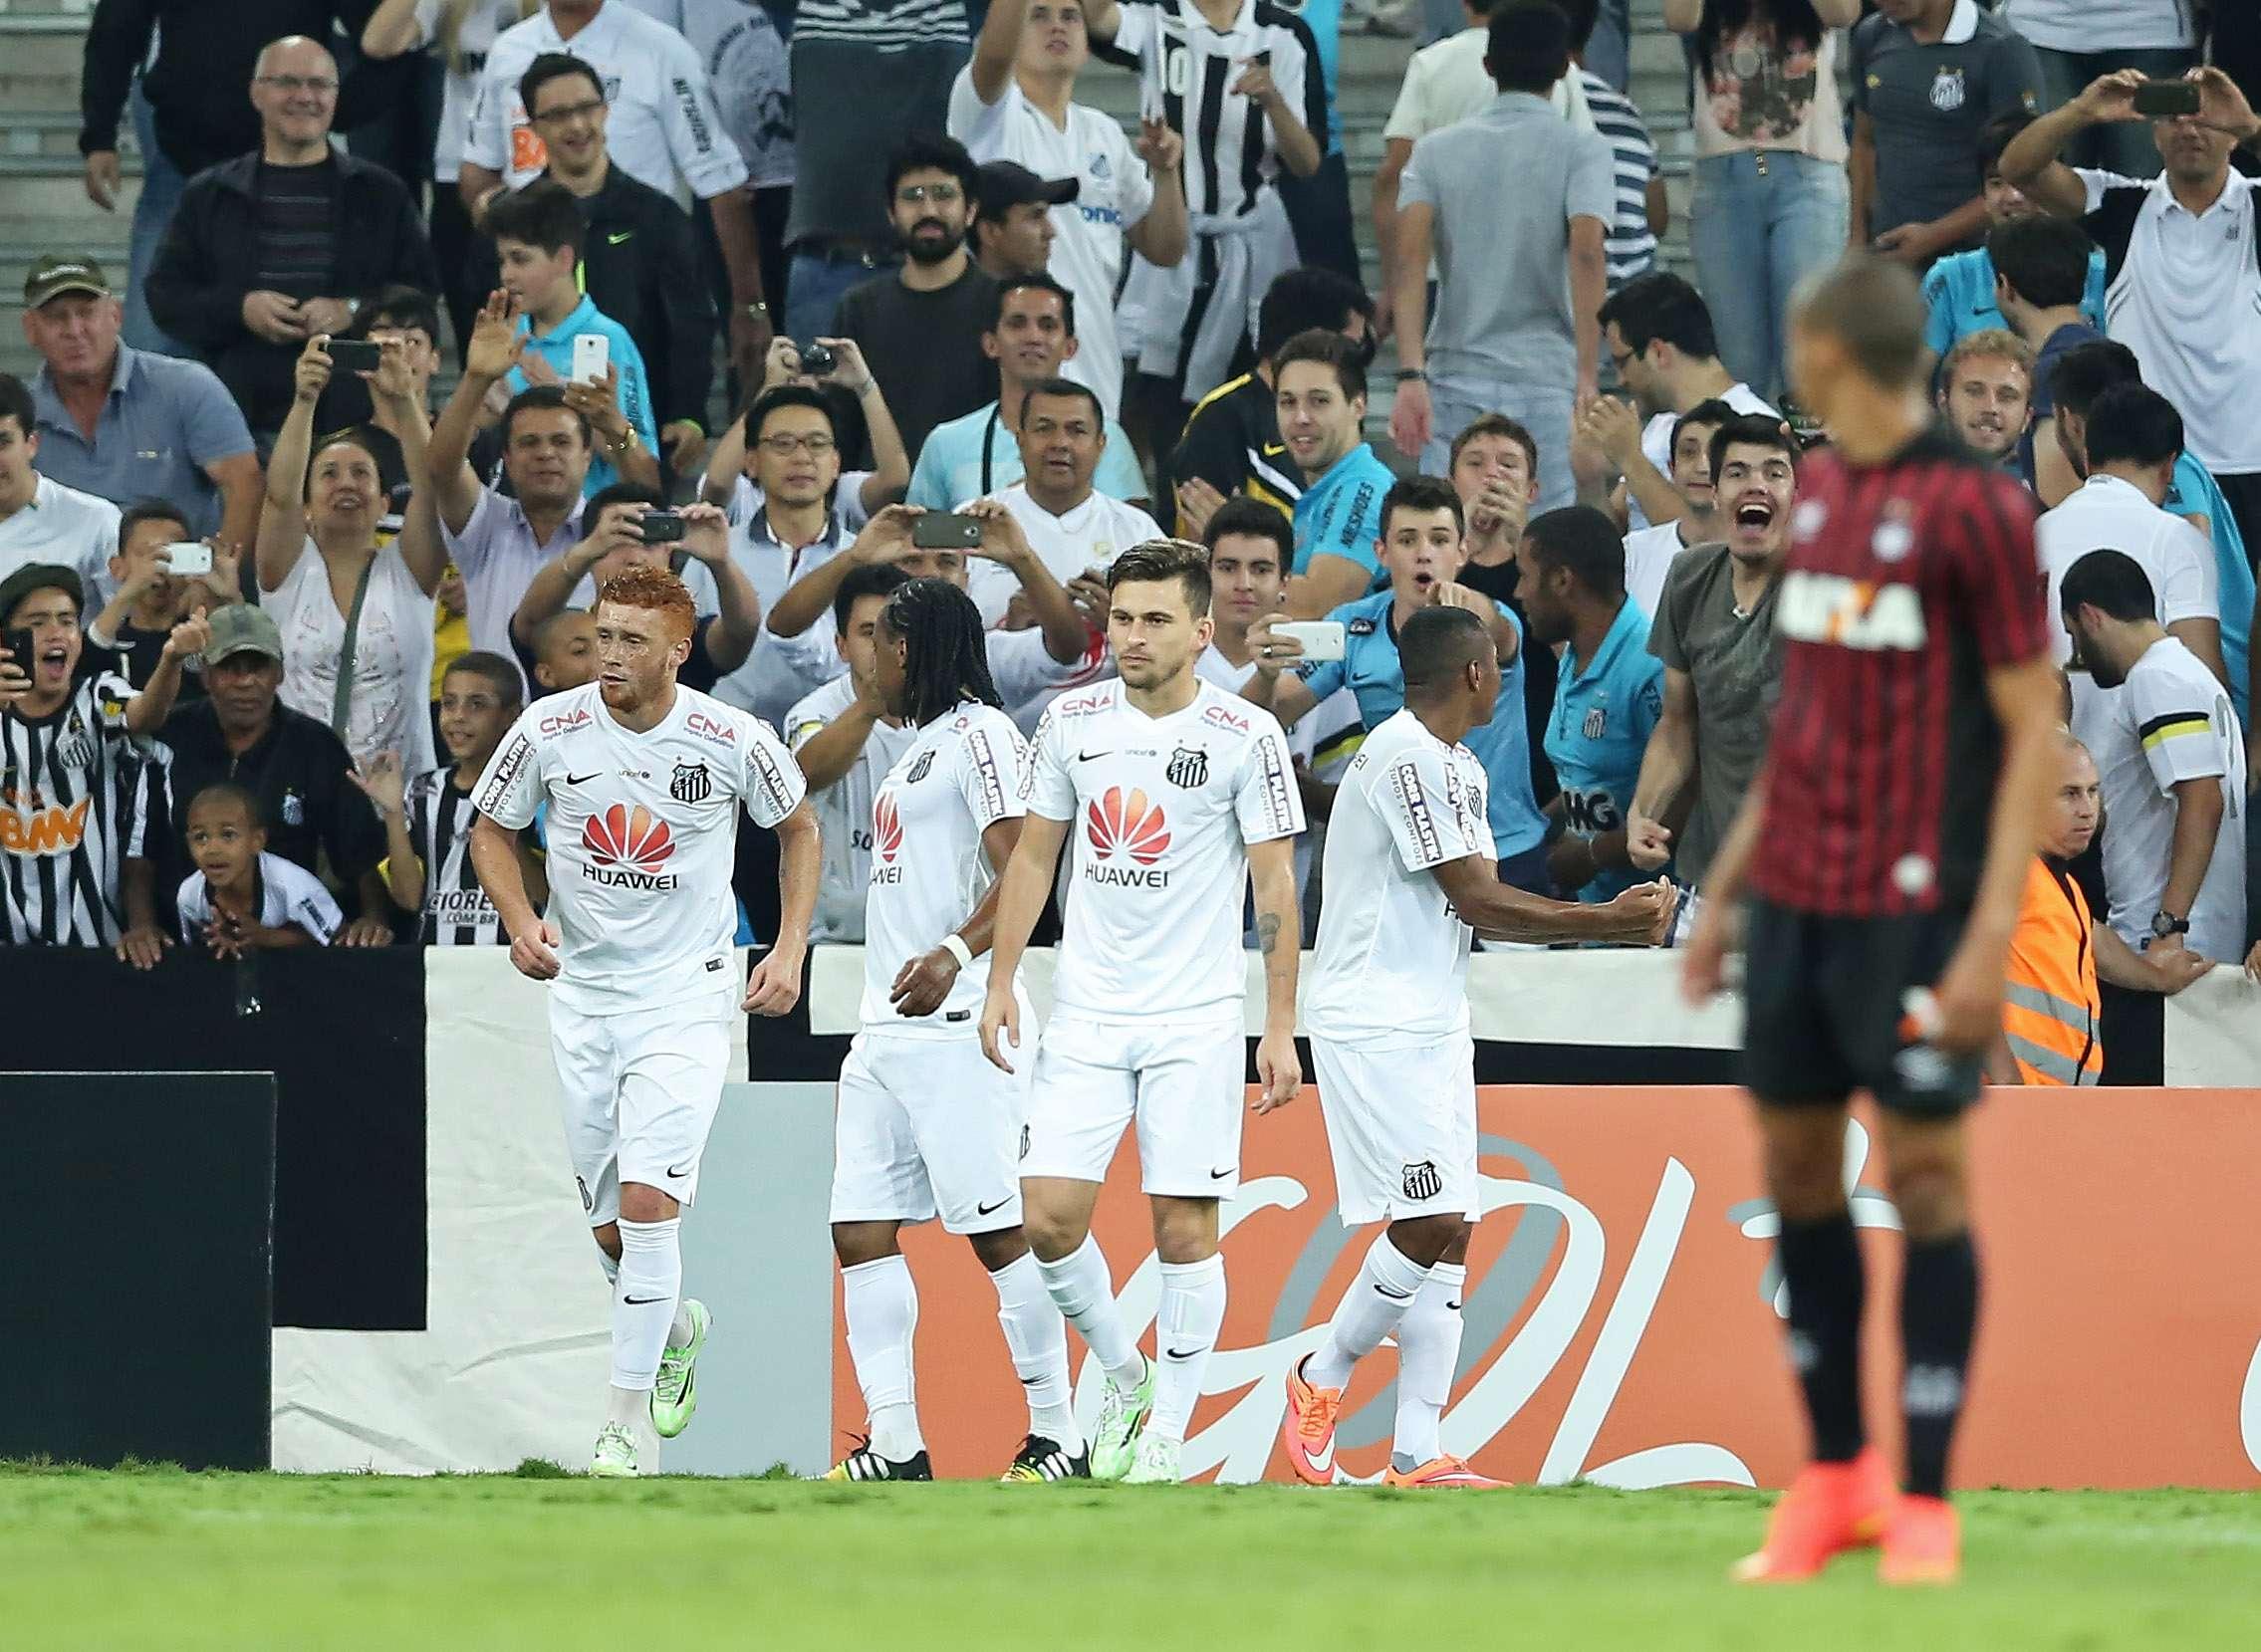 Atacante santista marcou seu quarto gol na competição Foto: Heuler Andrey/Getty Images